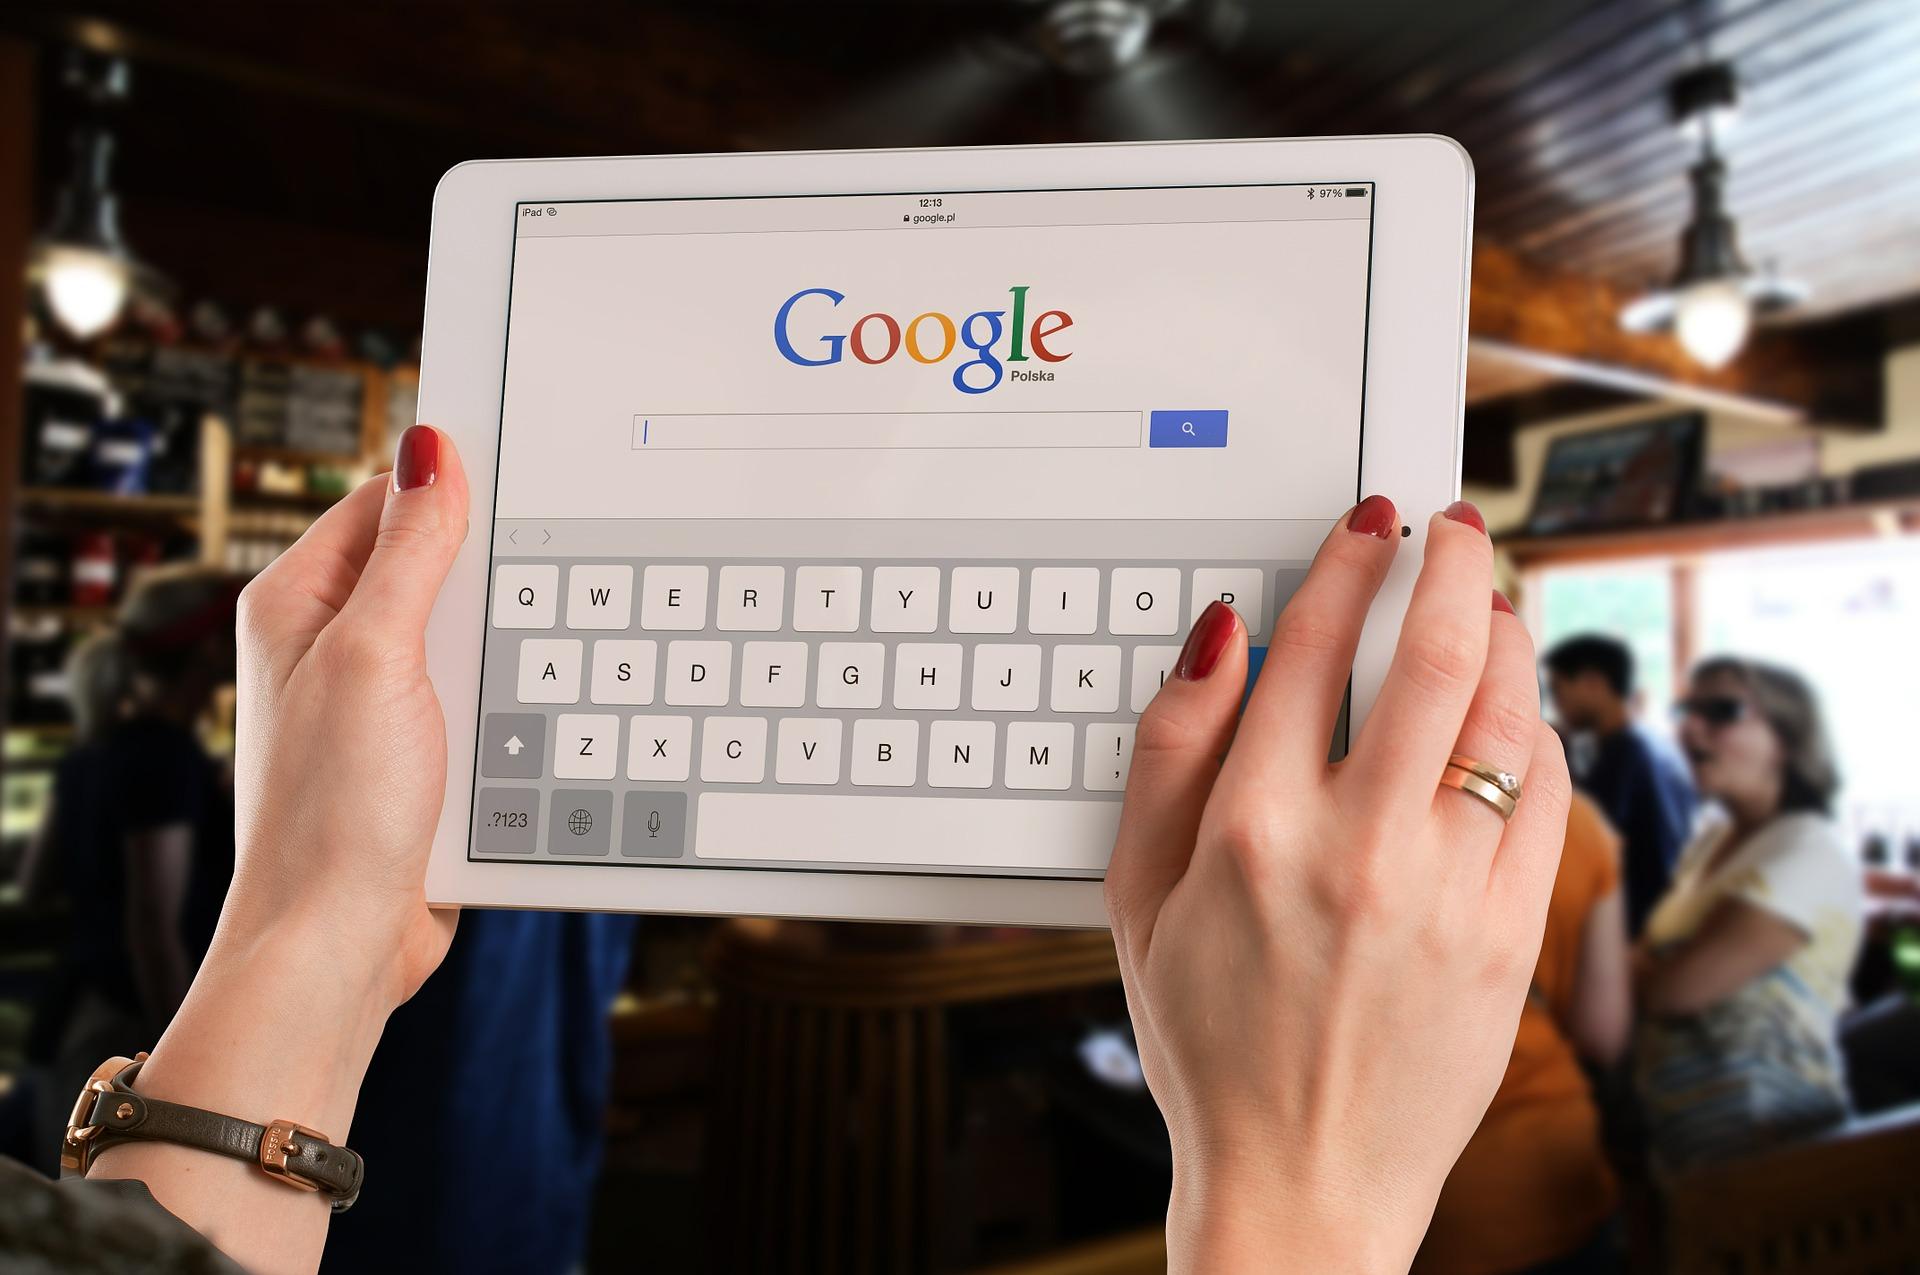 Googleで検索している画像